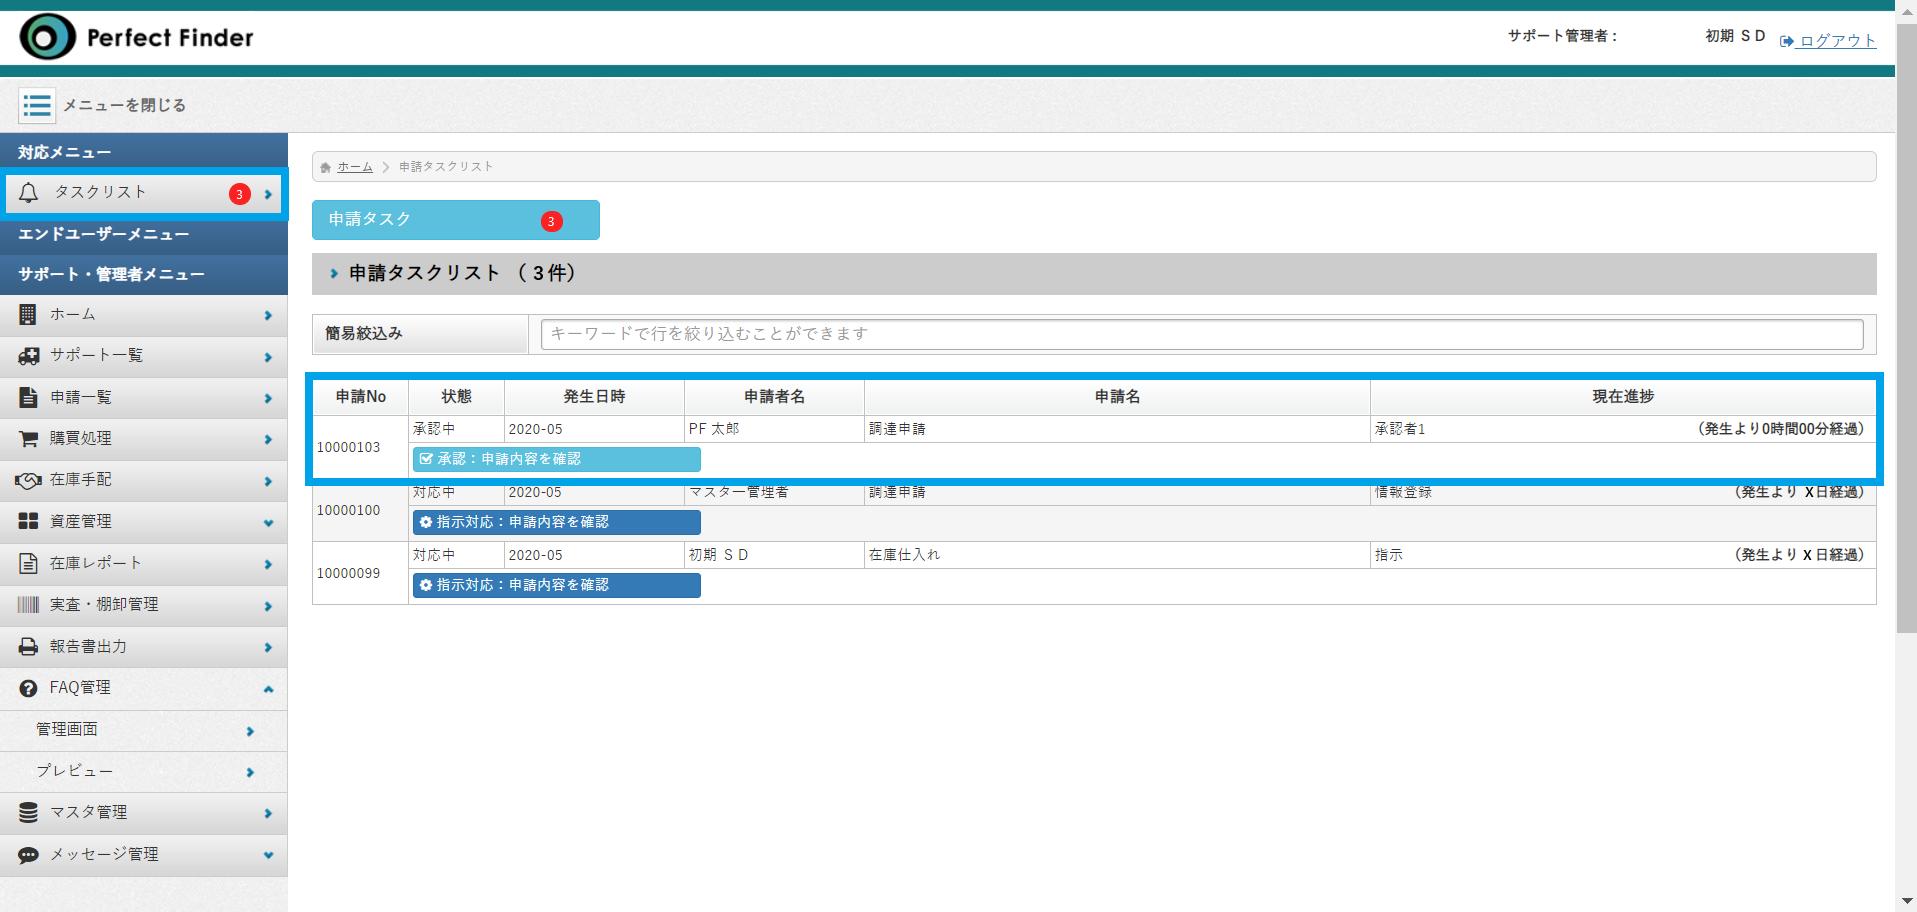 7_PF_承認タスク表示画面.png